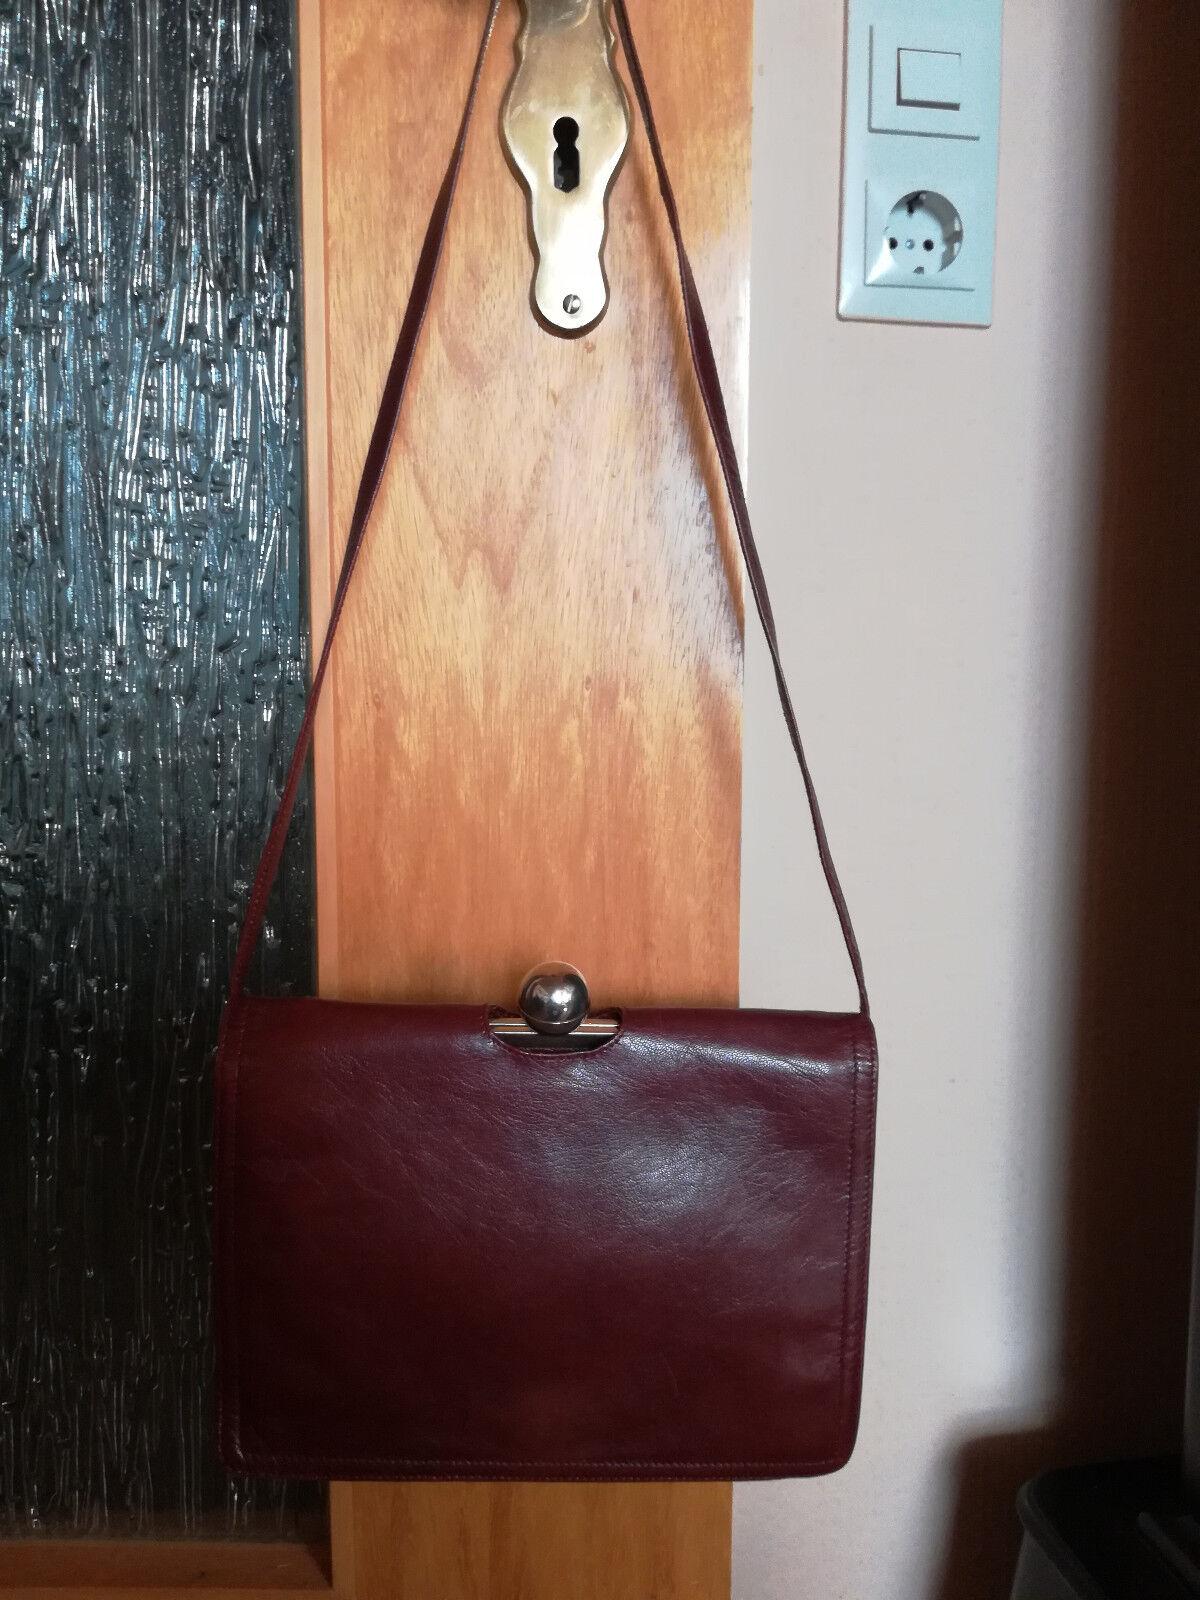 Handtasche Damen Echt Leder Braun Vintage Top | Modisch  | Verschiedene Waren  | Bekannt für seine hervorragende Qualität